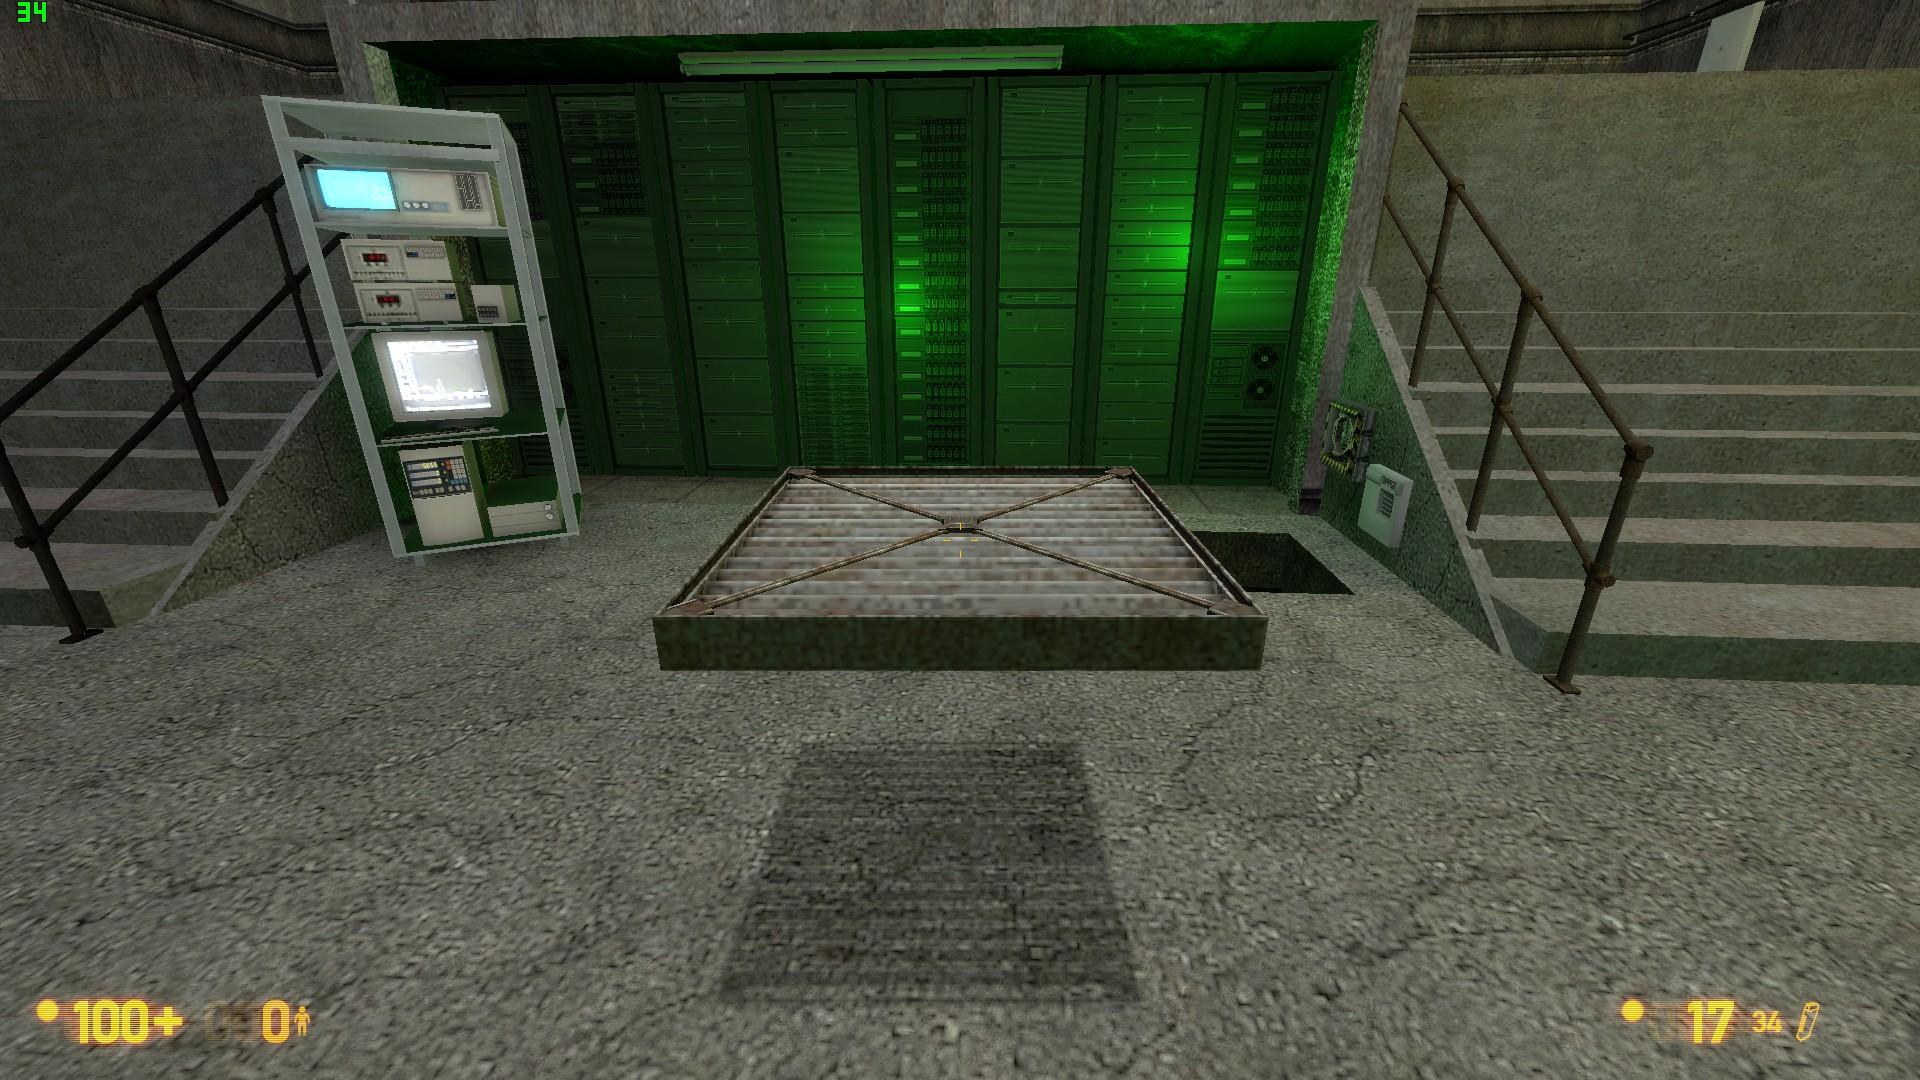 Baixar Half-Life: Uplink, Faa seu Download aqui no Zigg!